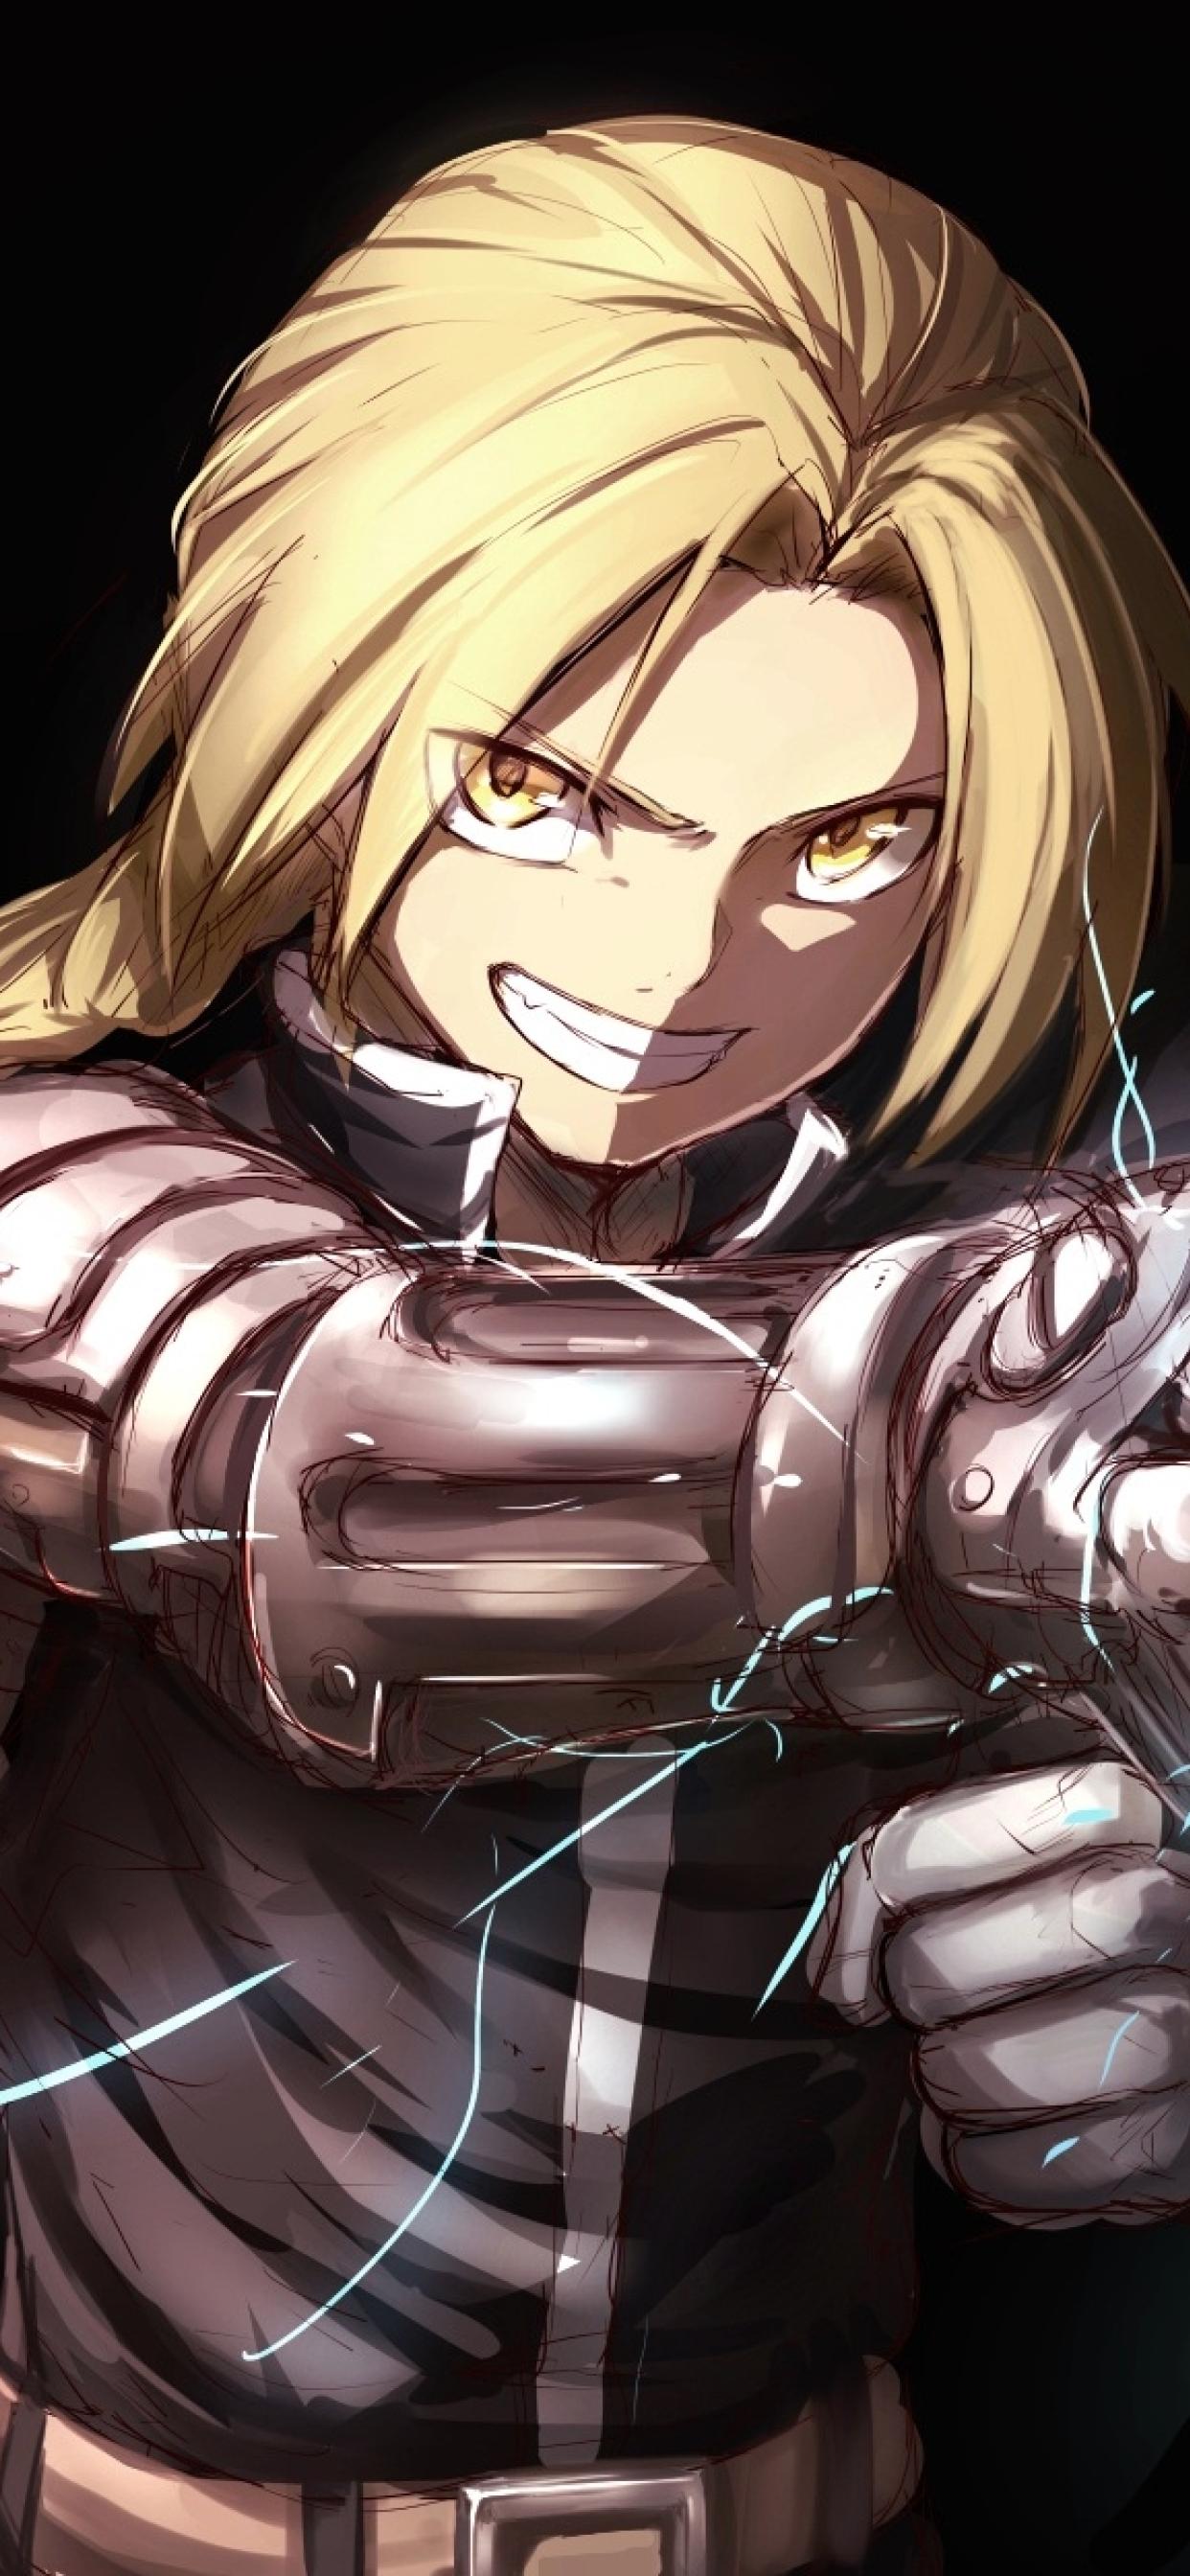 1242x2688 Edward Elric Fullmetal Alchemist Iphone XS MAX ...